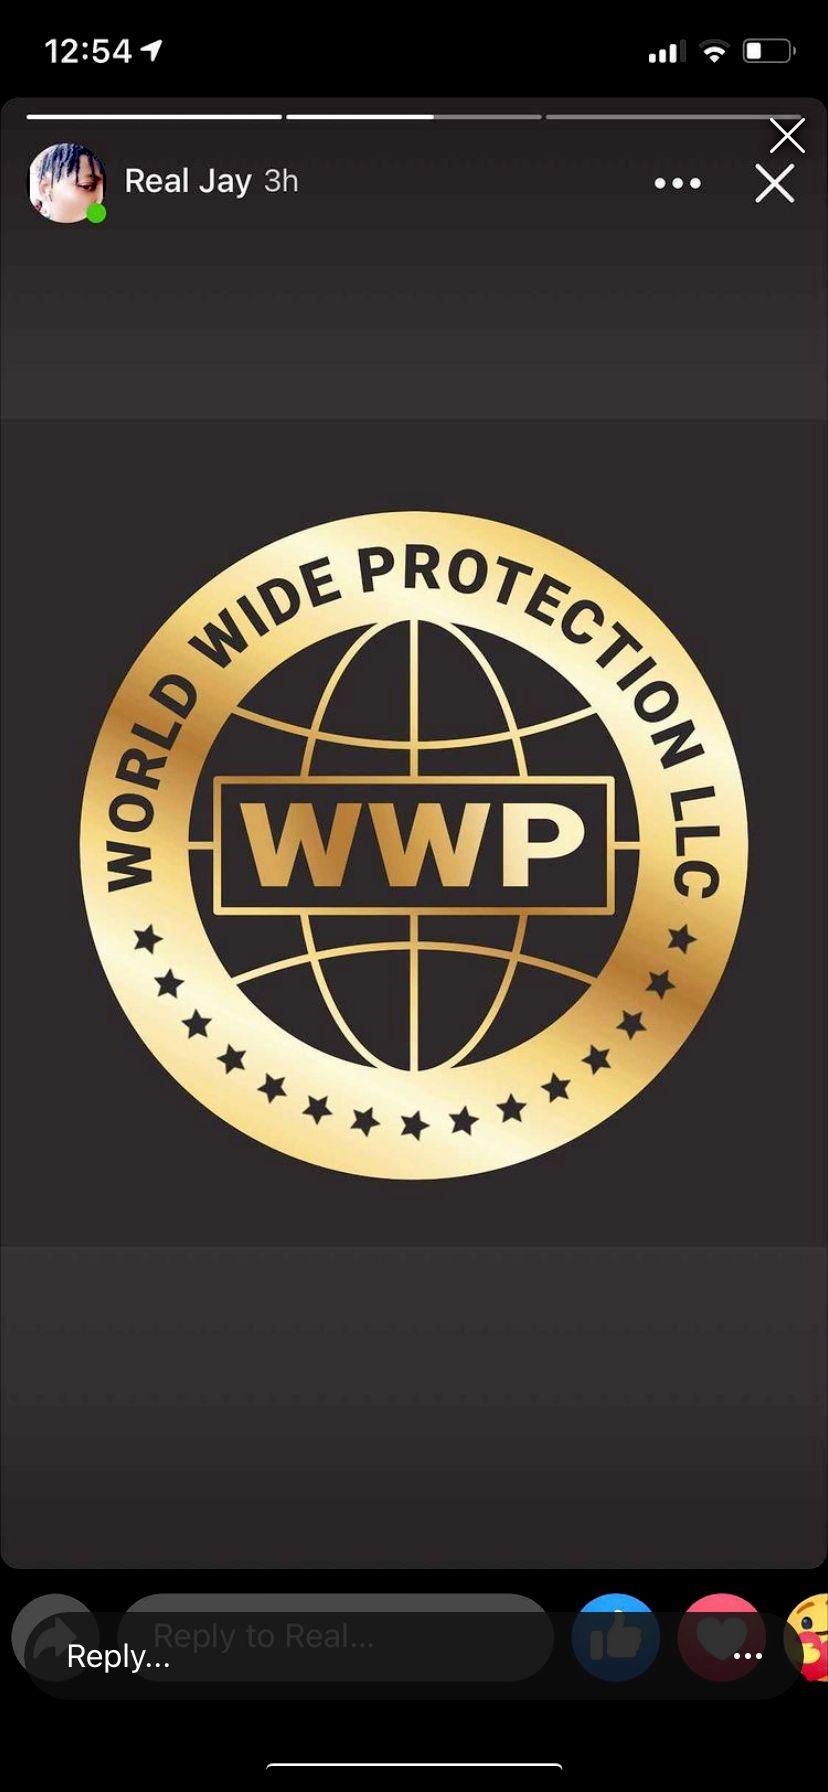 Worldwide Protection